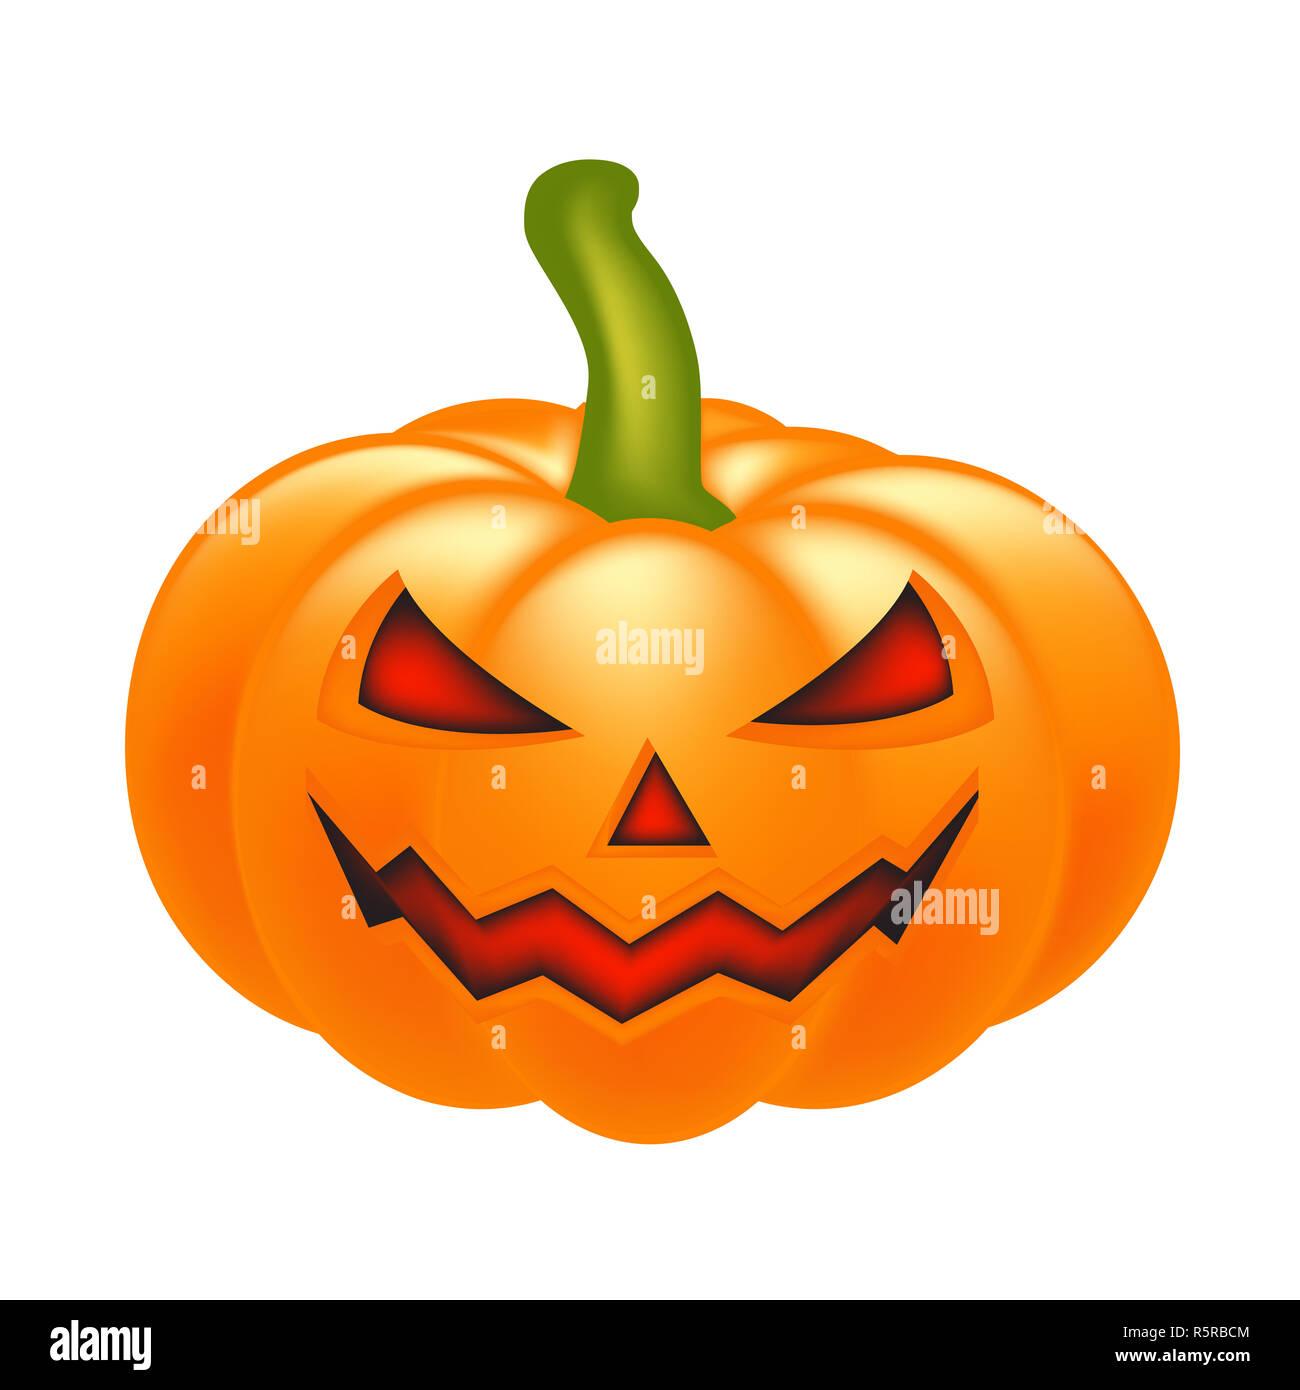 Halloween Pumpkin Vector.Halloween Pumpkin Vector Illustration Jack O Lantern Isolated On